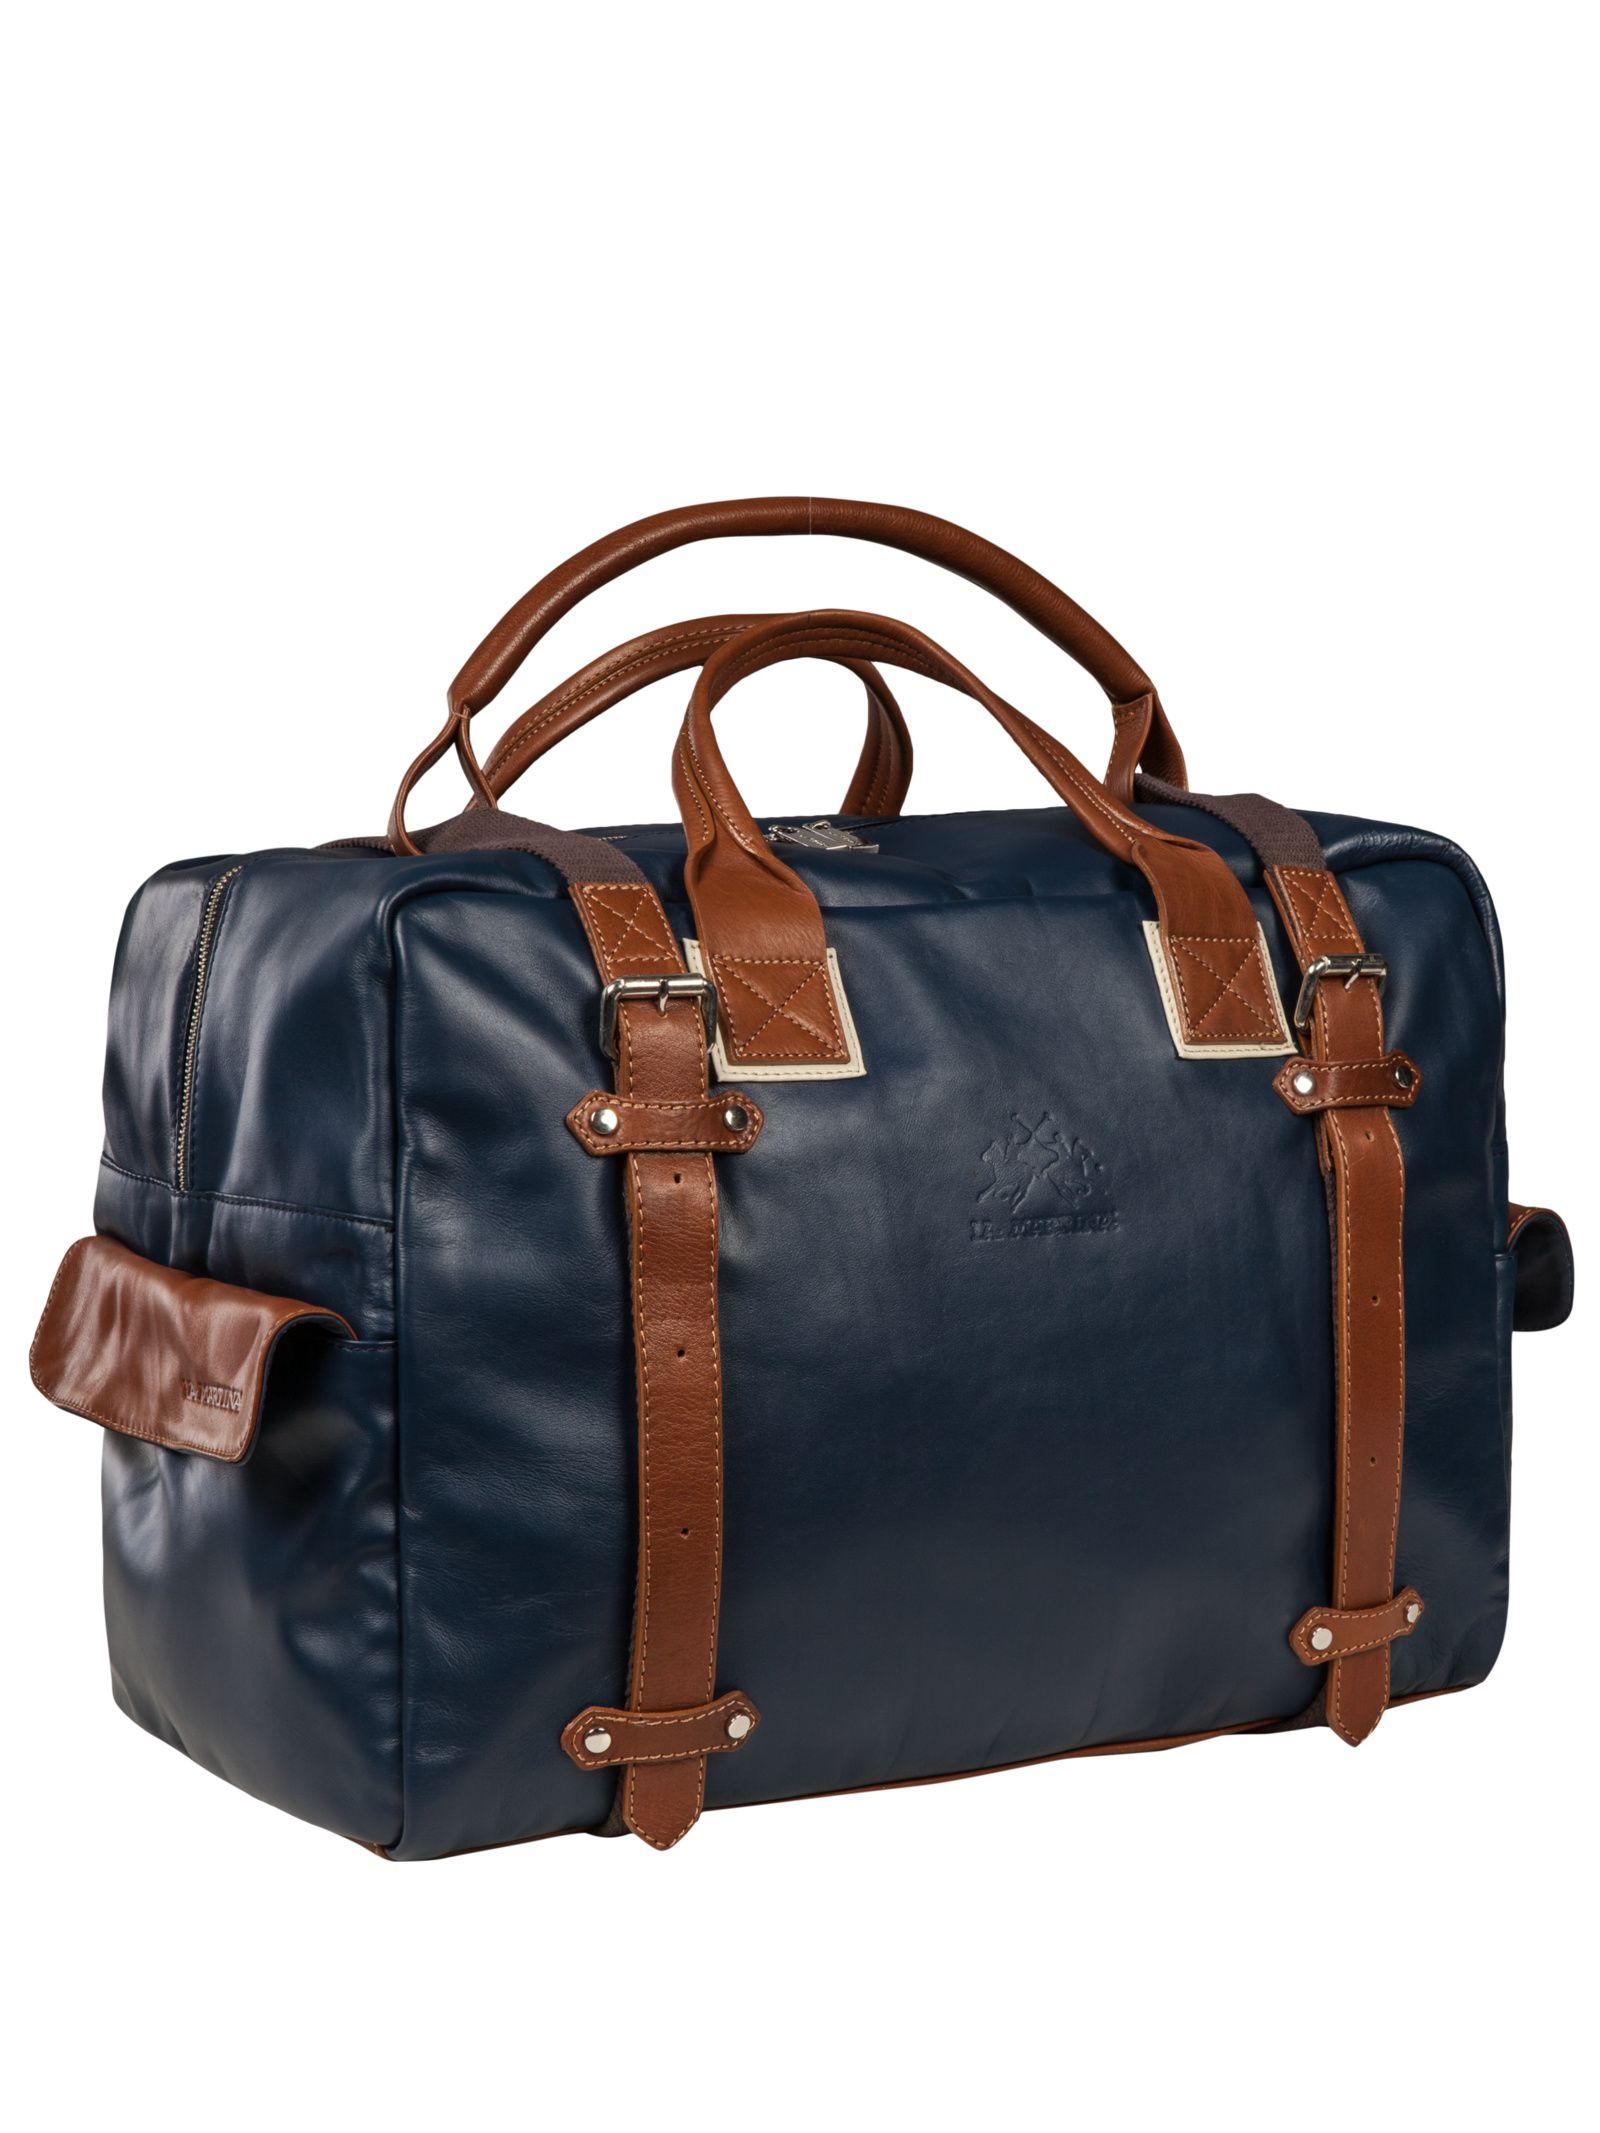 Tasche, Weekender blau von La Martina – Eckerle Herrenmoden